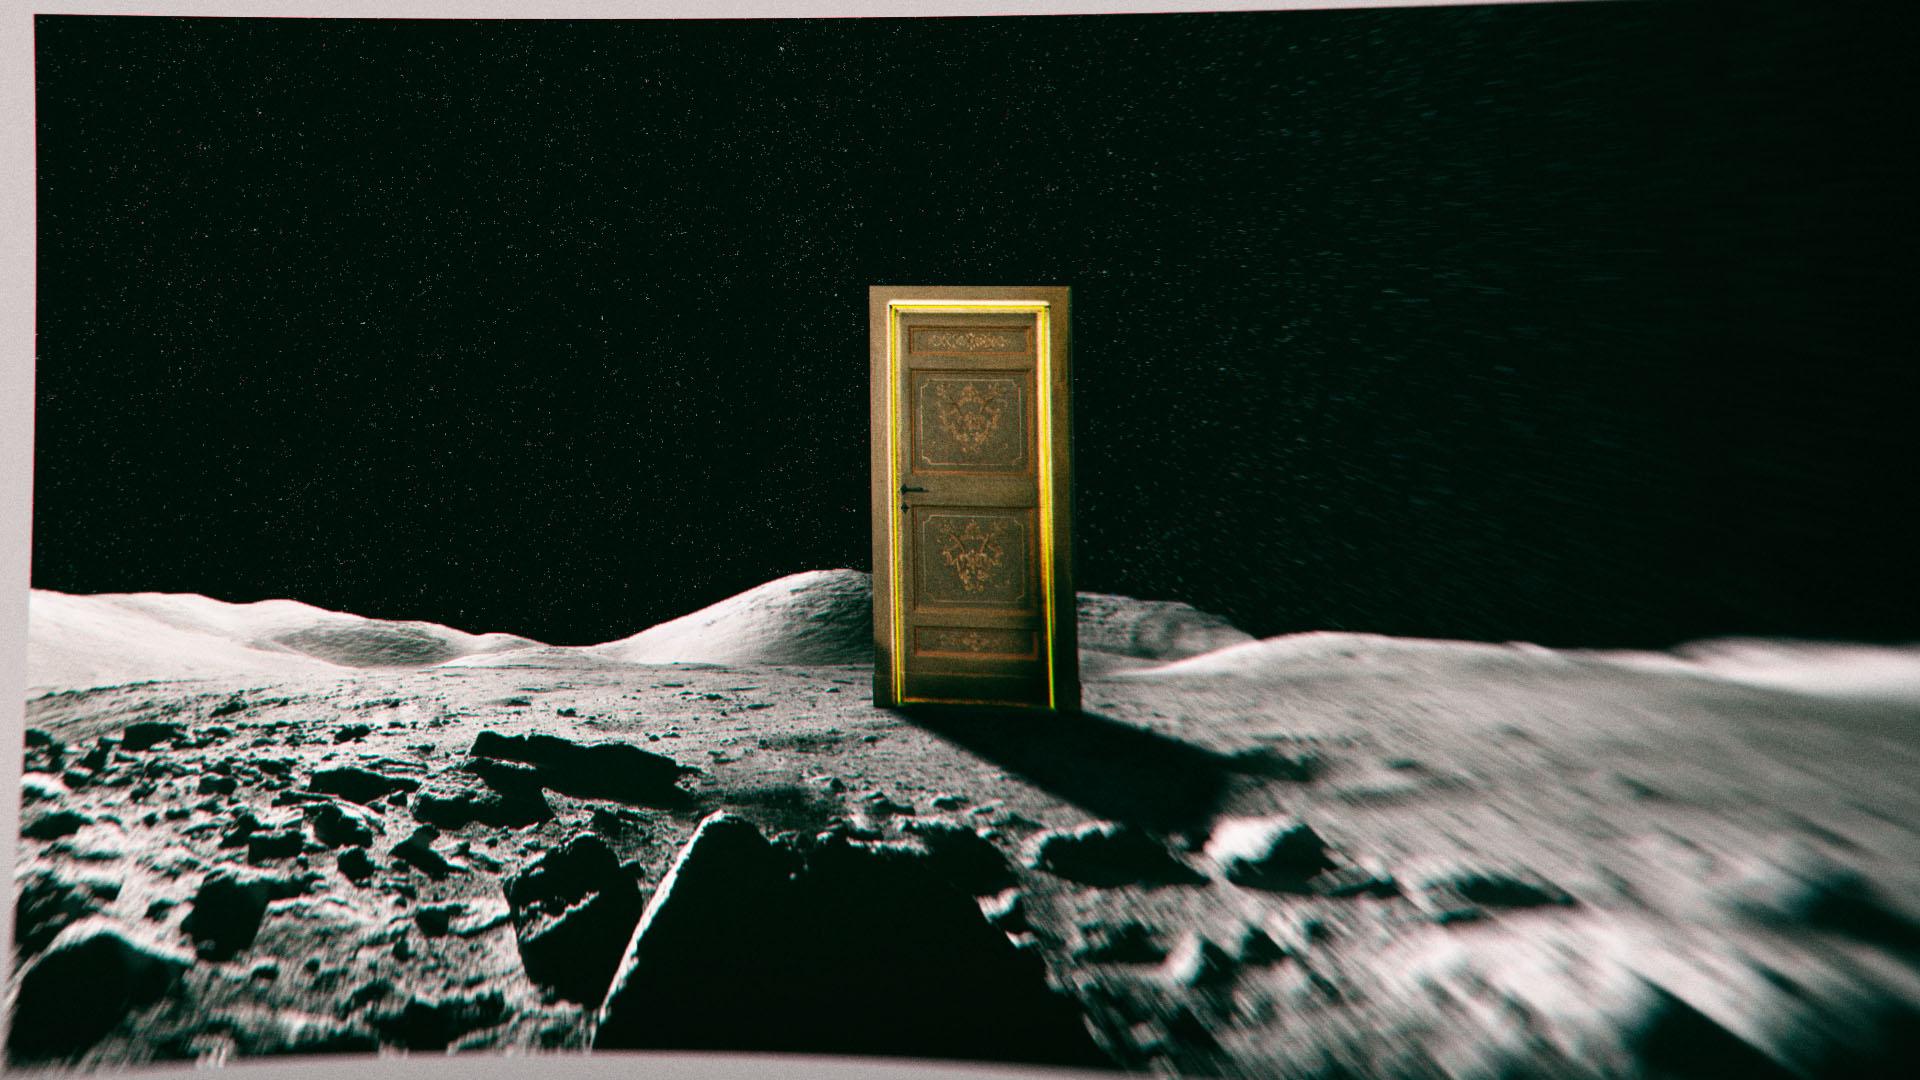 Mond Tür